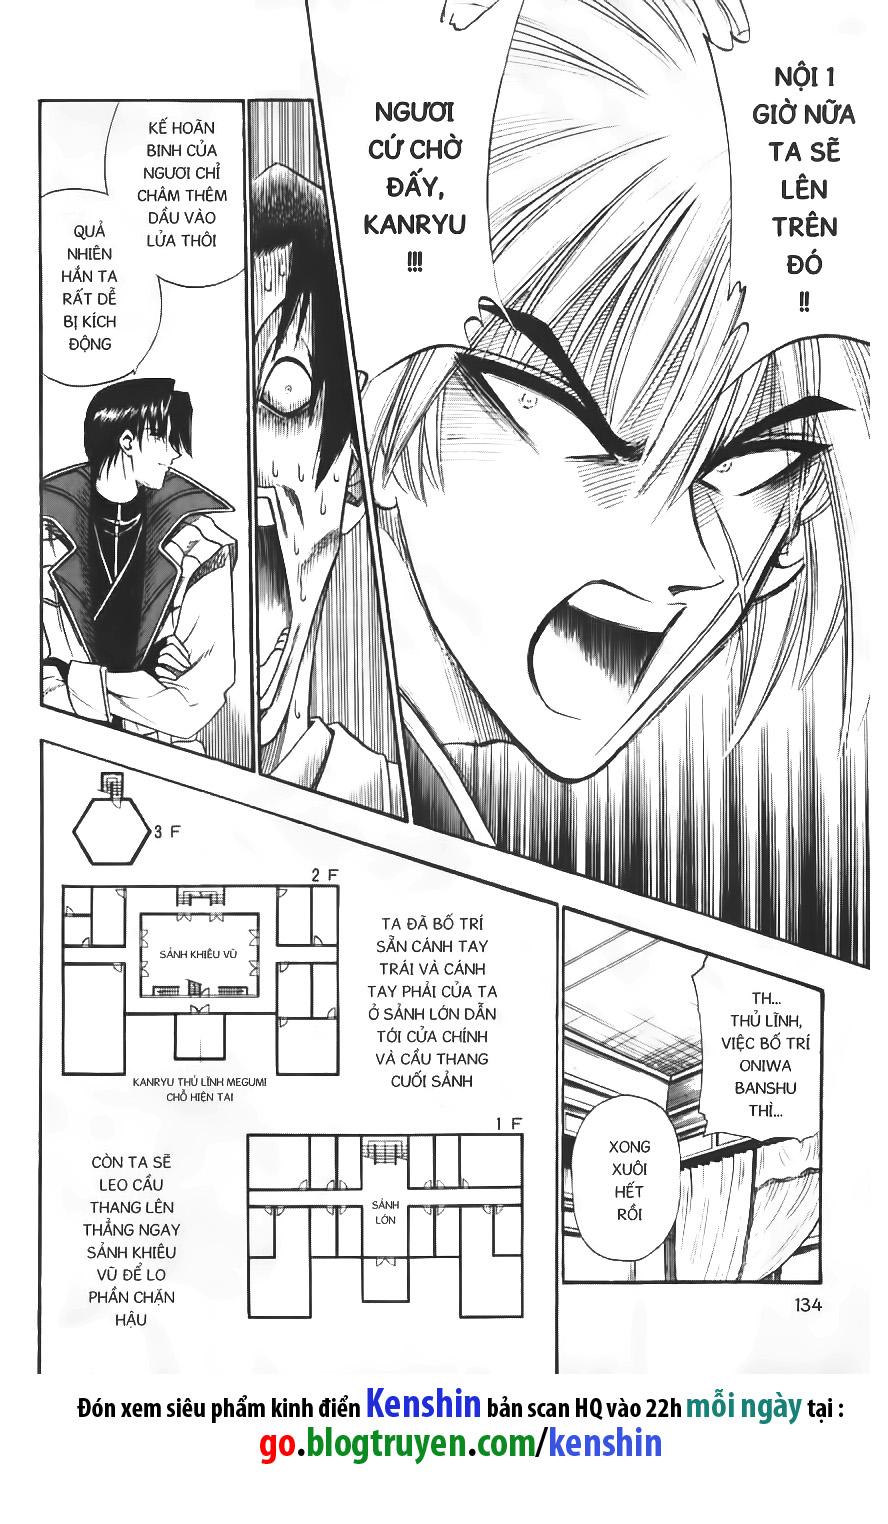 Rurouni Kenshin chap 22 trang 13